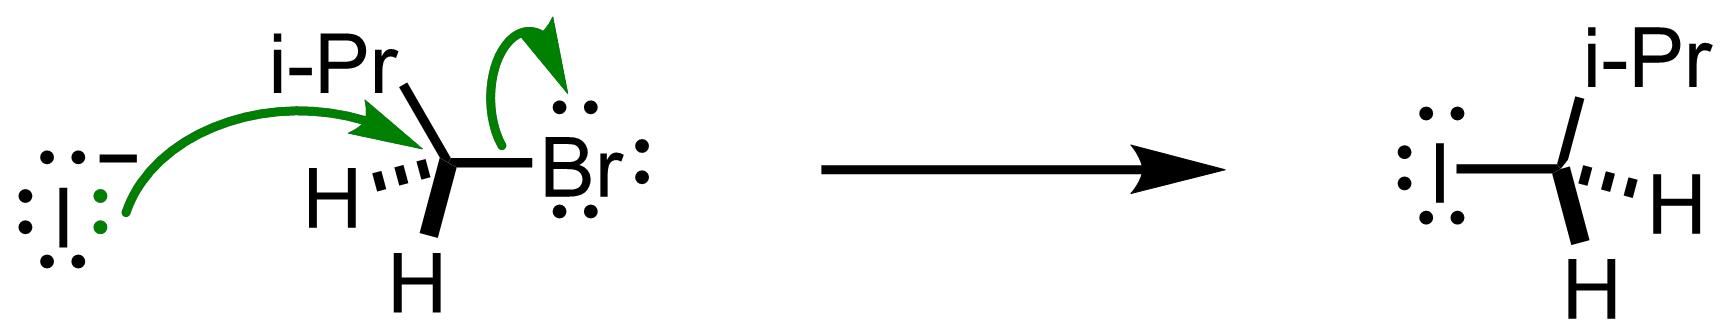 Mechanism of the Finkelstein Reaction